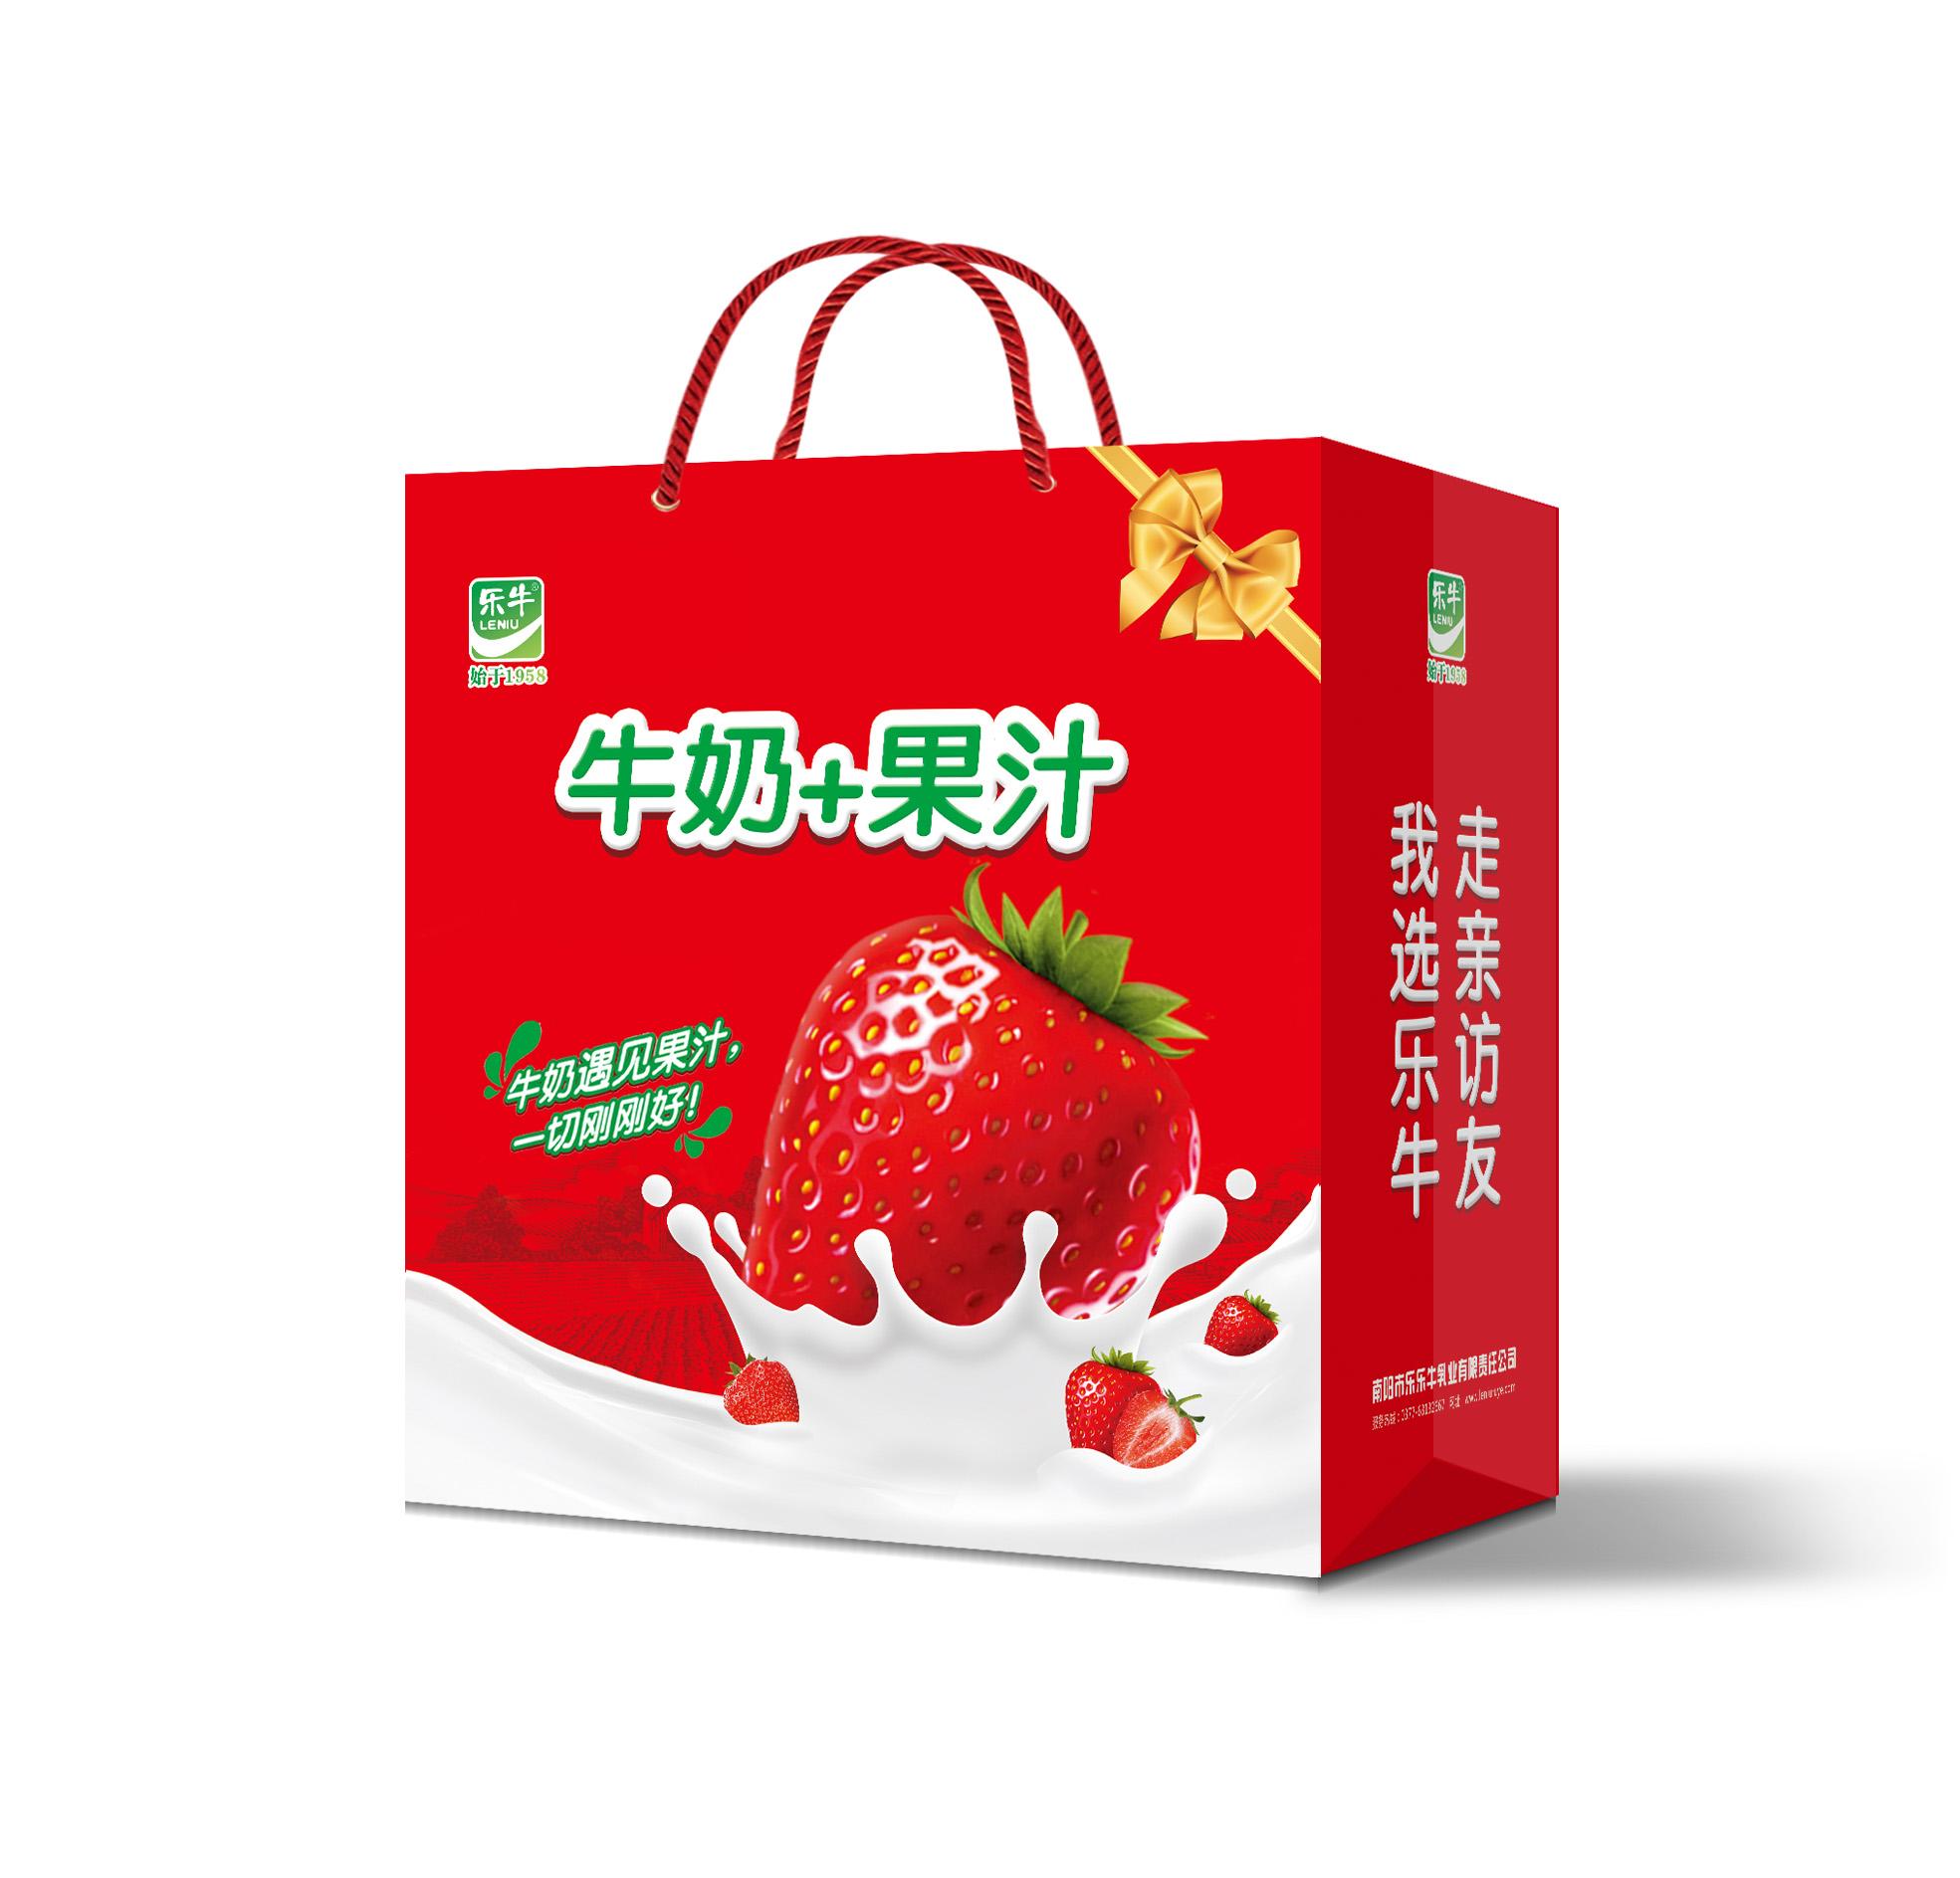 升級版牛奶+果汁手提袋